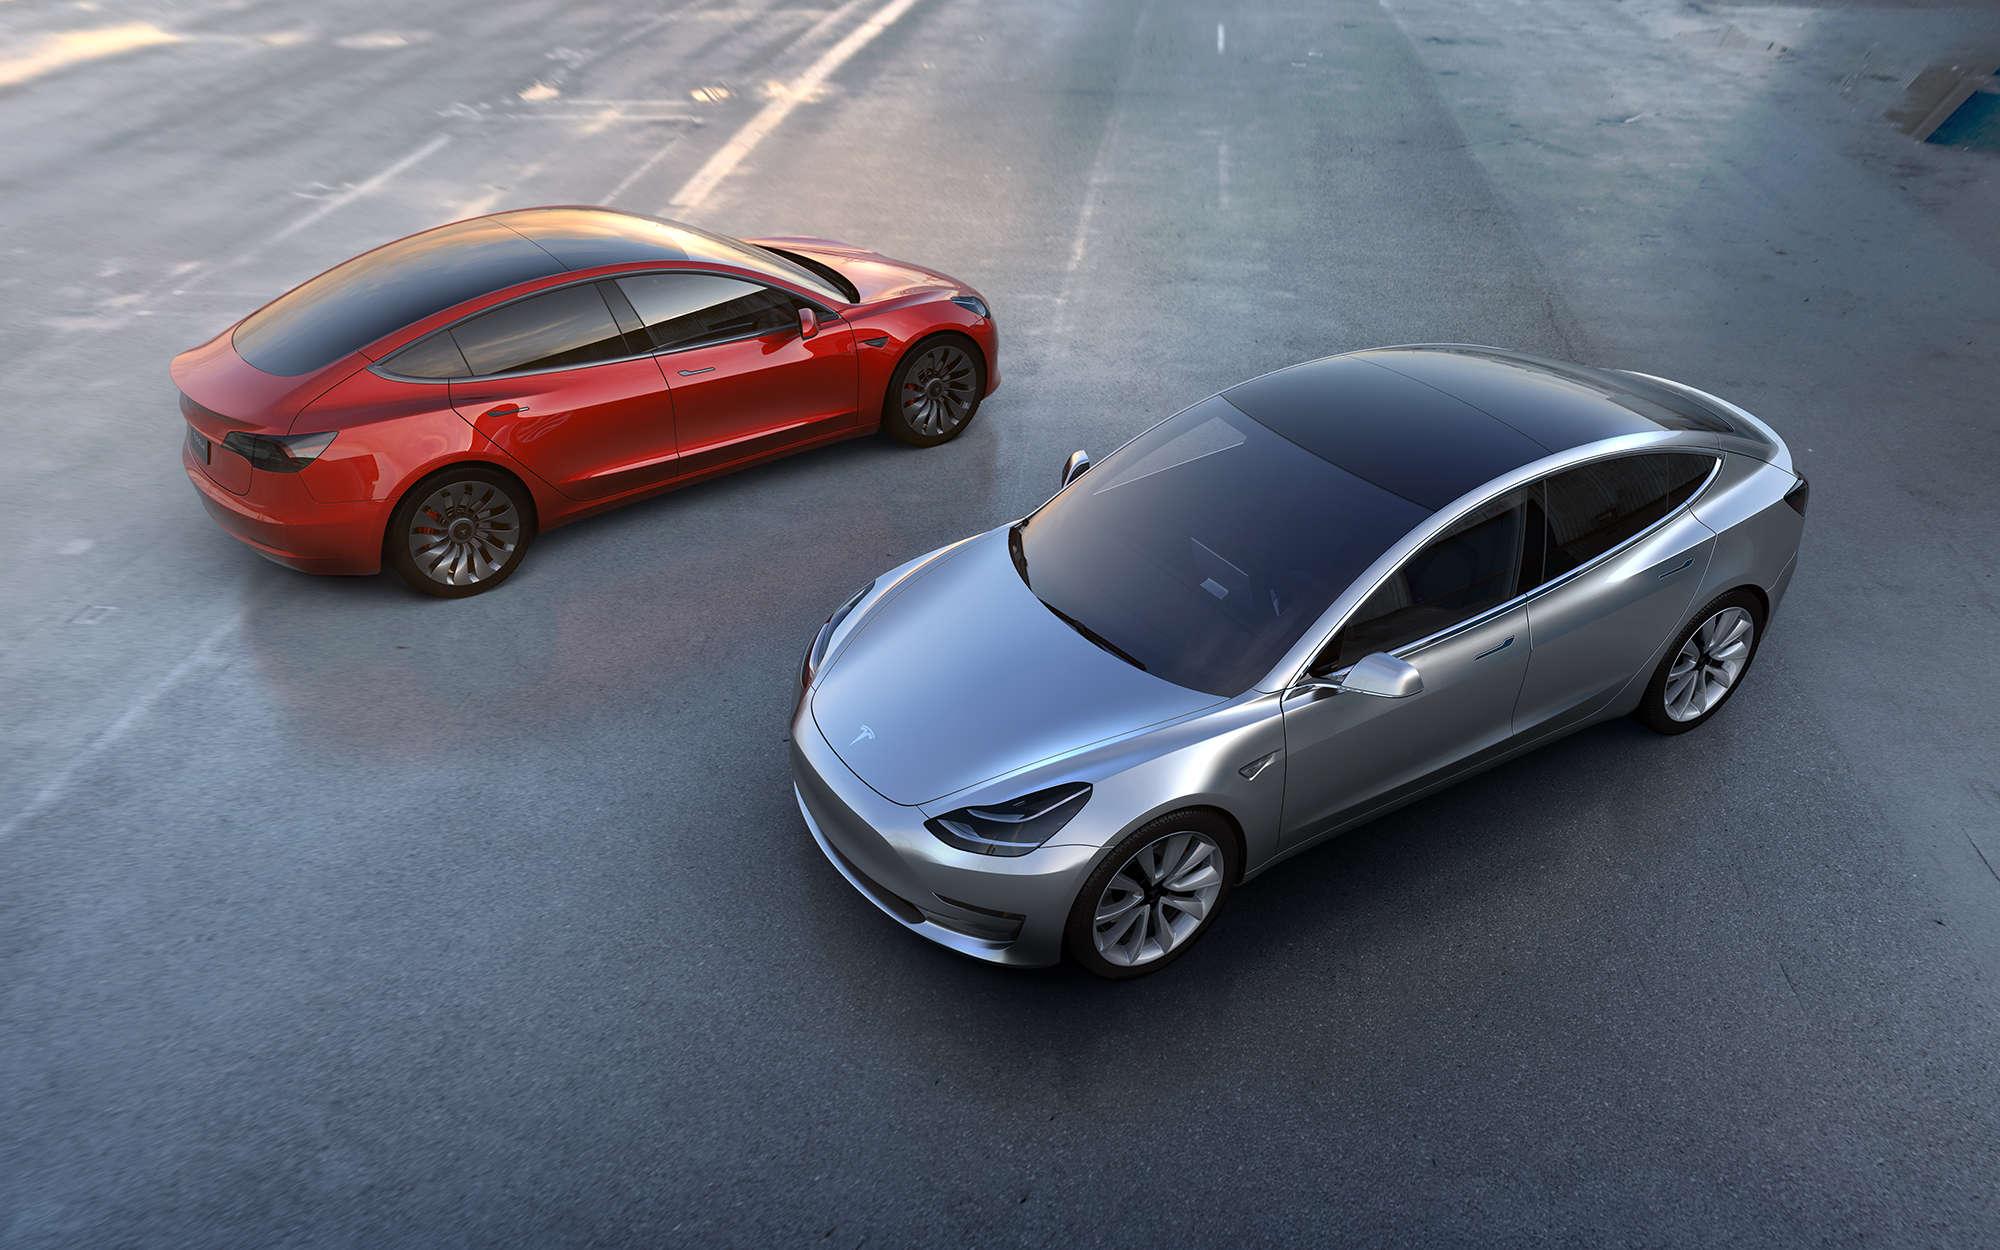 Overhead renderings of silver and red Tesla Model 3 sedans.